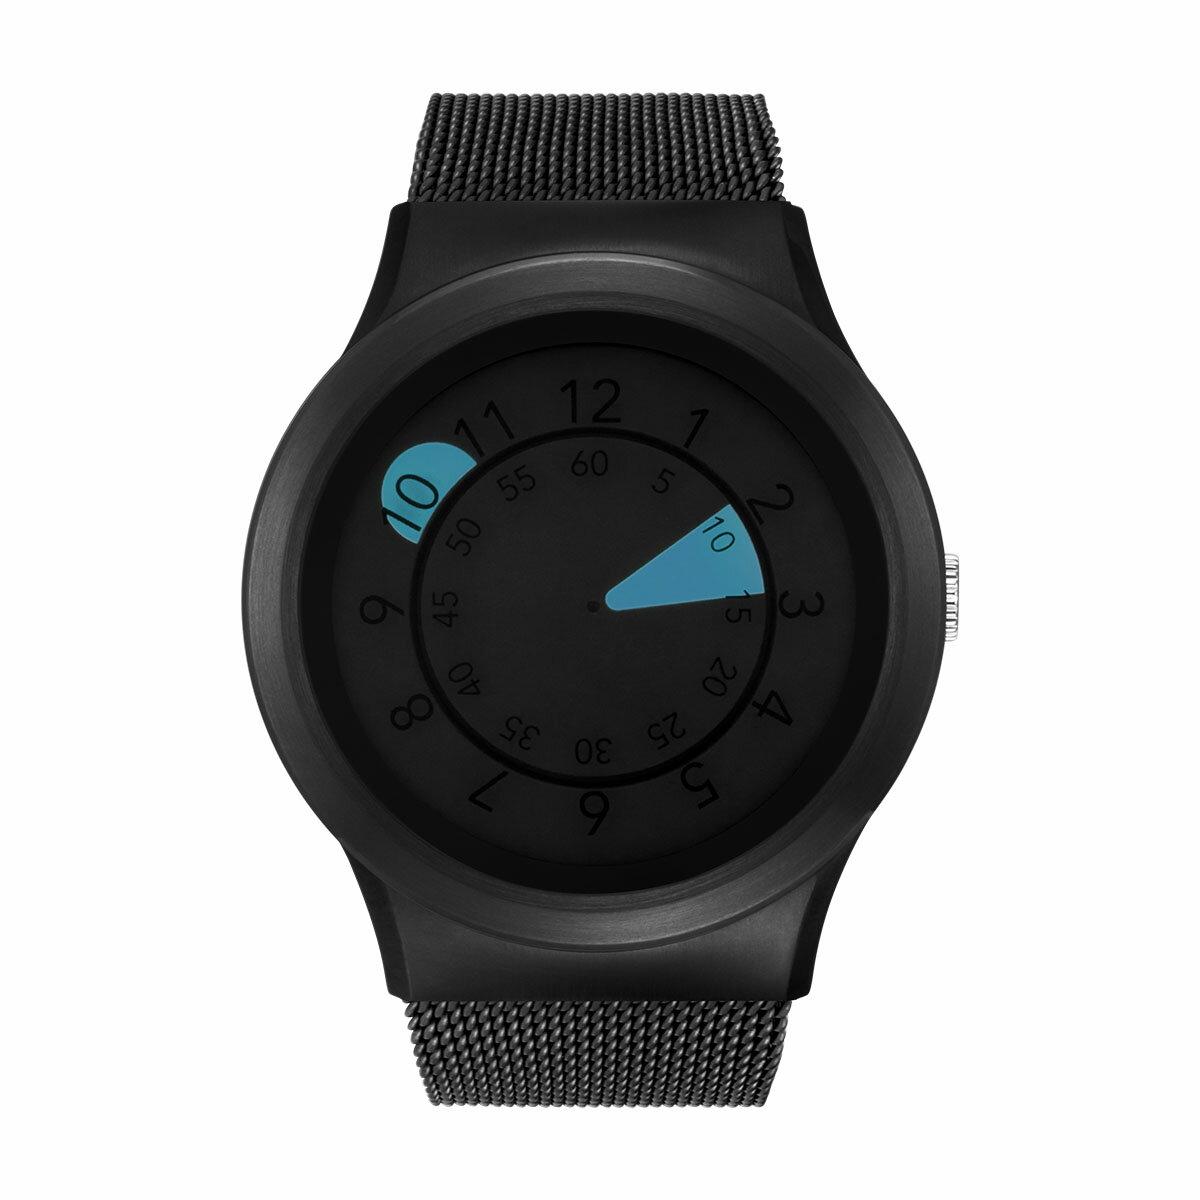 ZEROO AQUA DROP ゼロ 電池式クォーツ 腕時計 [W10039B03SM03] ブルー デザインウォッチ ペア用 メンズ レディース ユニセックス おしゃれ時計 デザイナーズ